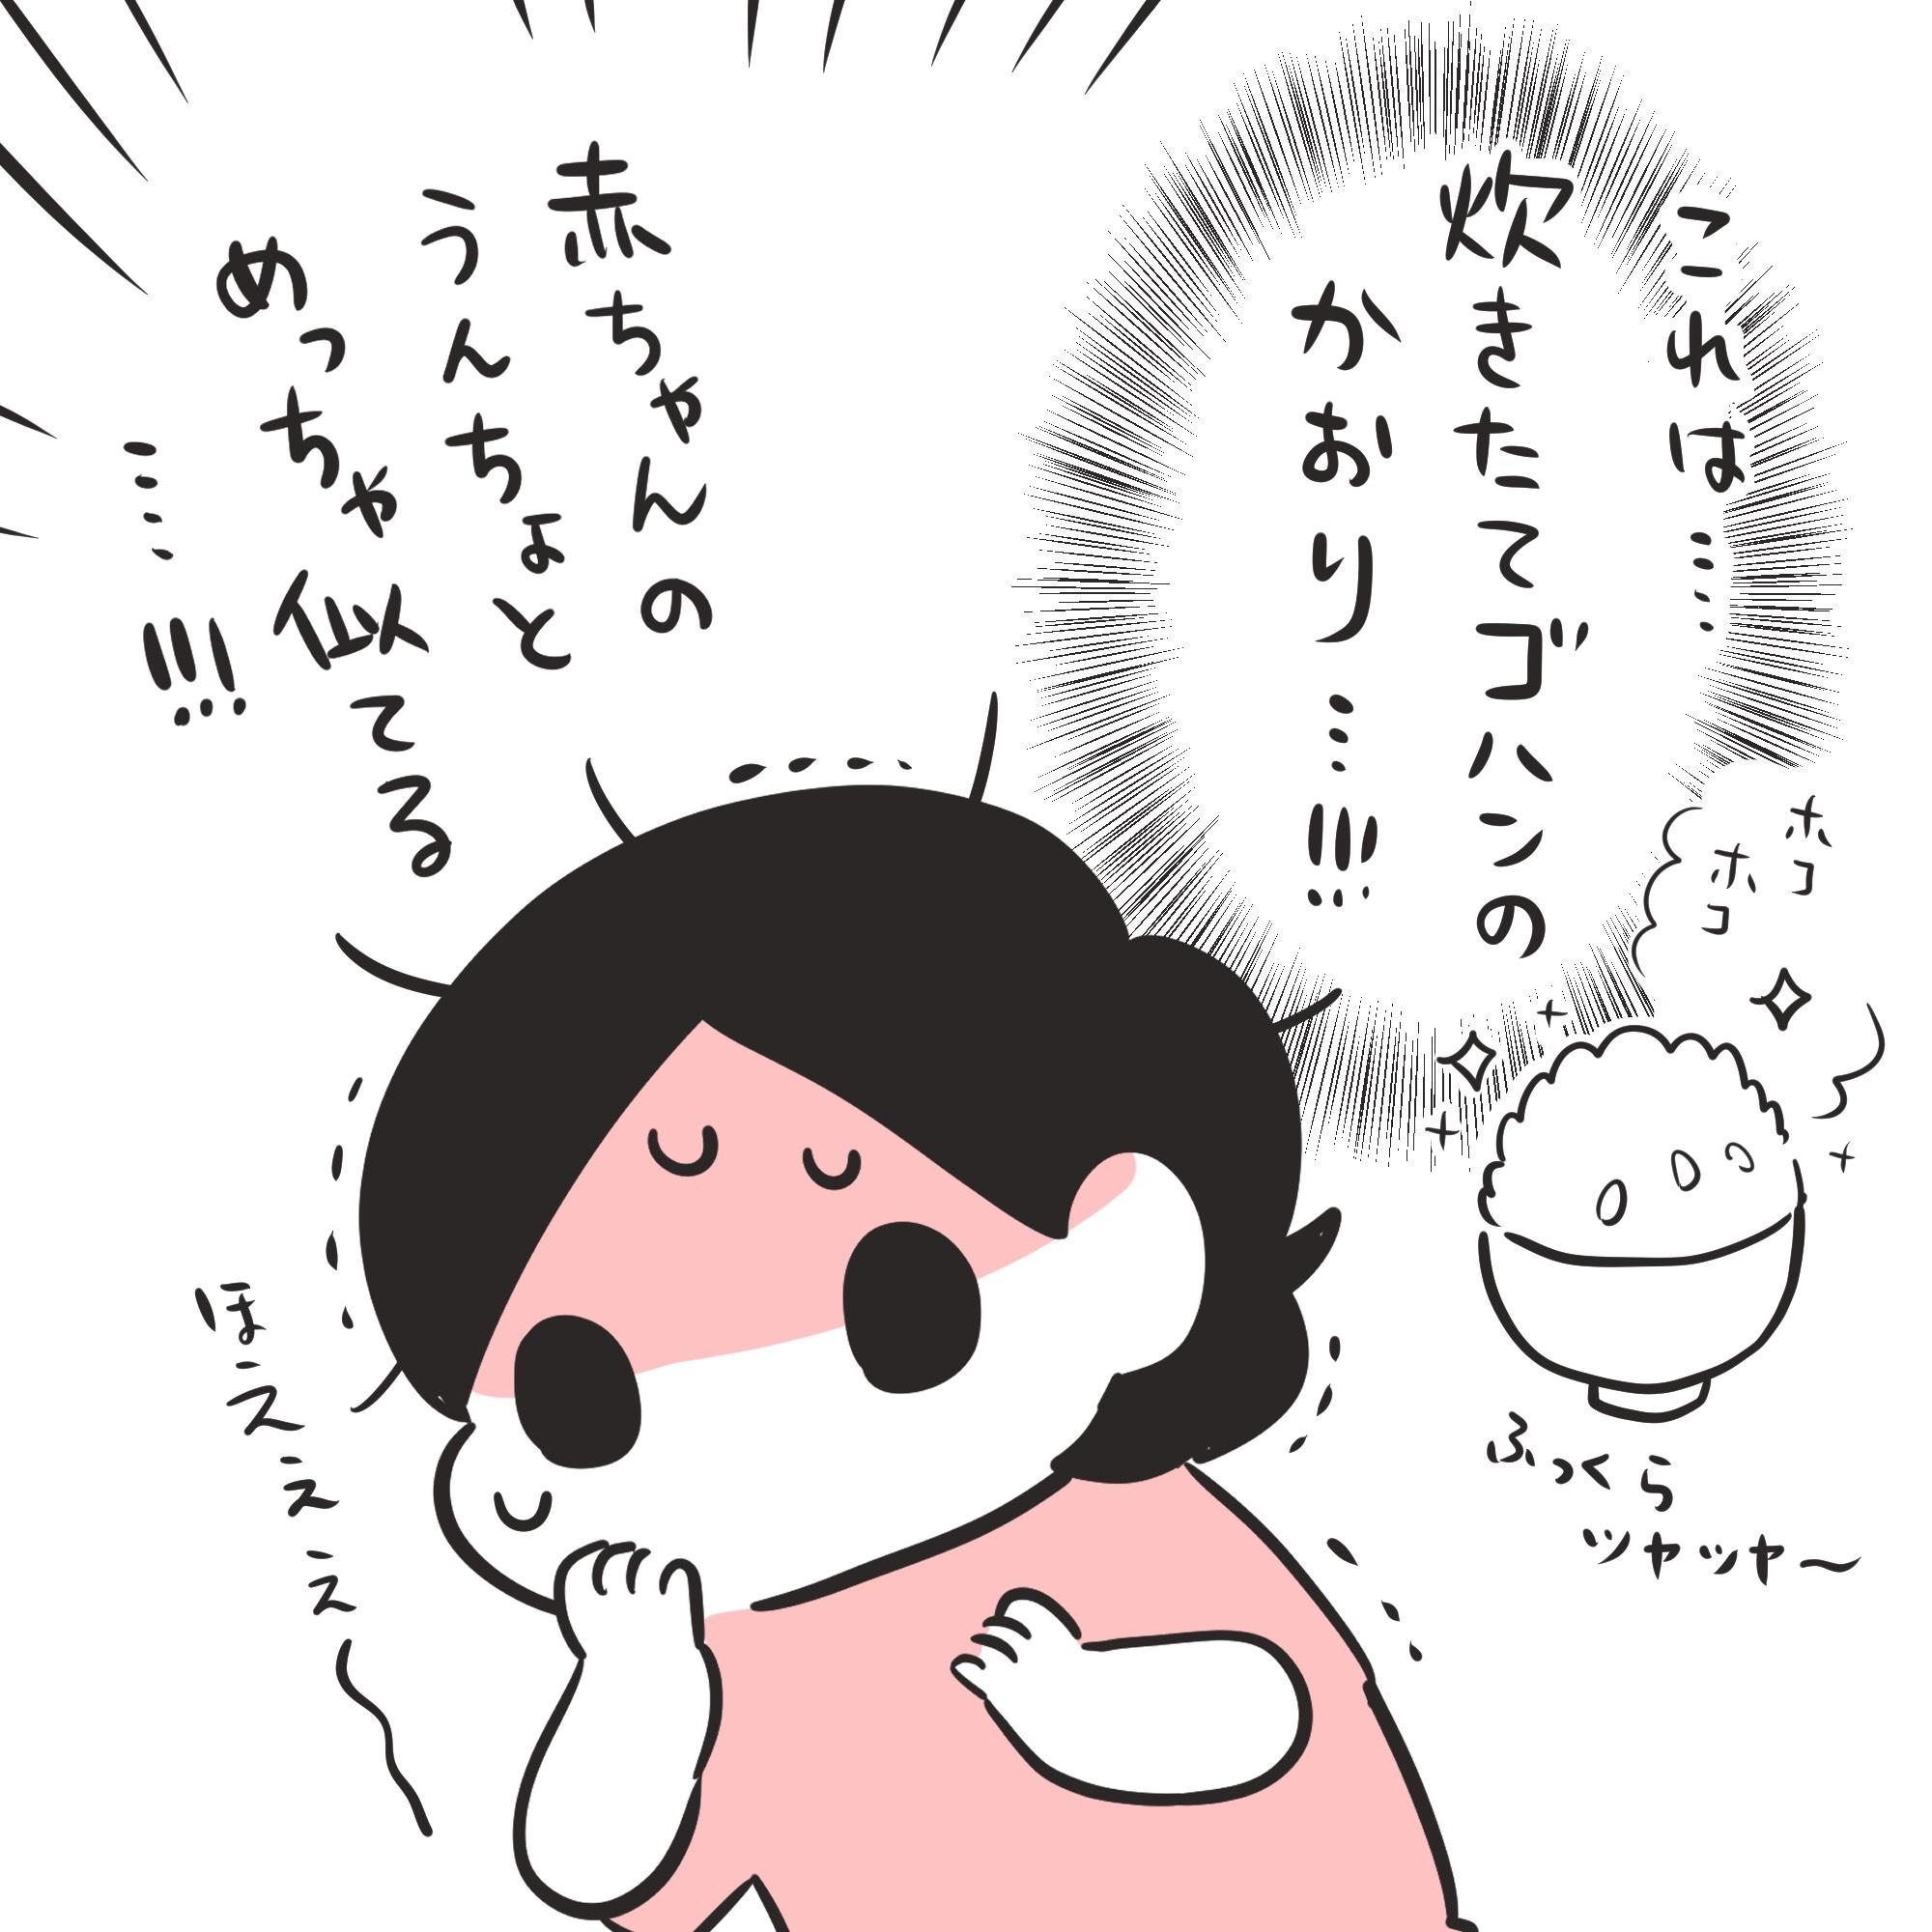 赤ちゃんがウンチしたと思ったら…|ムチムチ!プニプニ!ちびたろ!#25